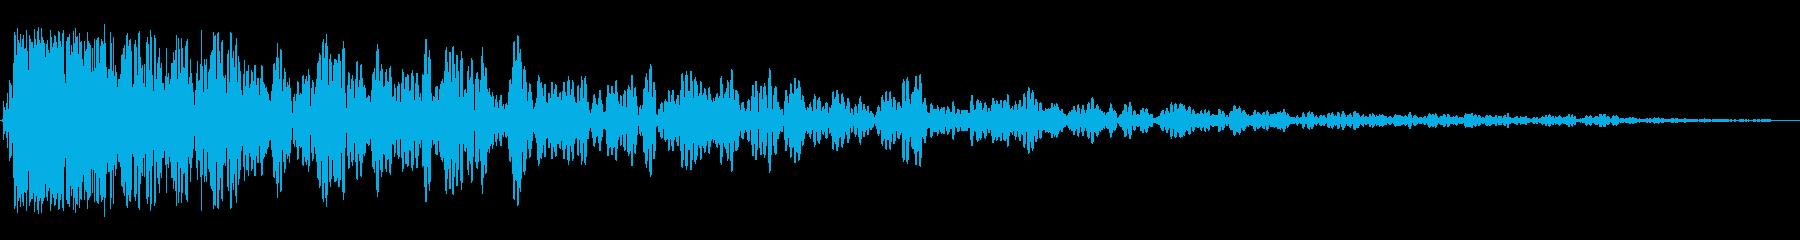 ズカーン、大砲の音です。の再生済みの波形